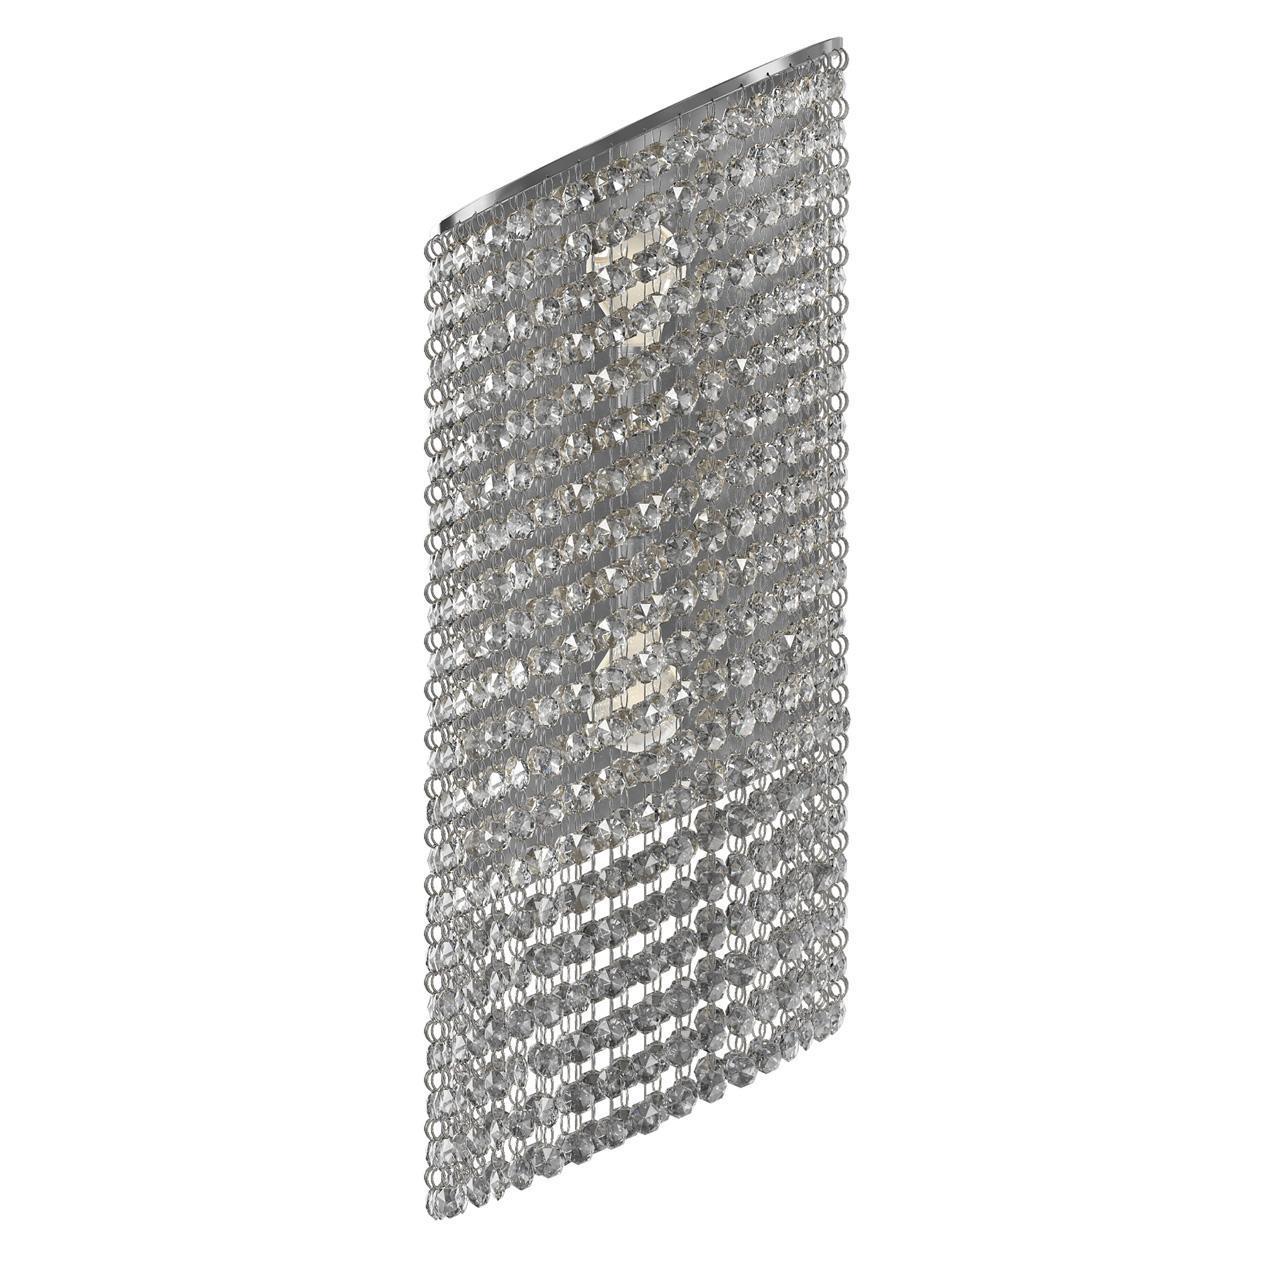 Настенный светильник Osgona Nuvola 709634 цена 2017